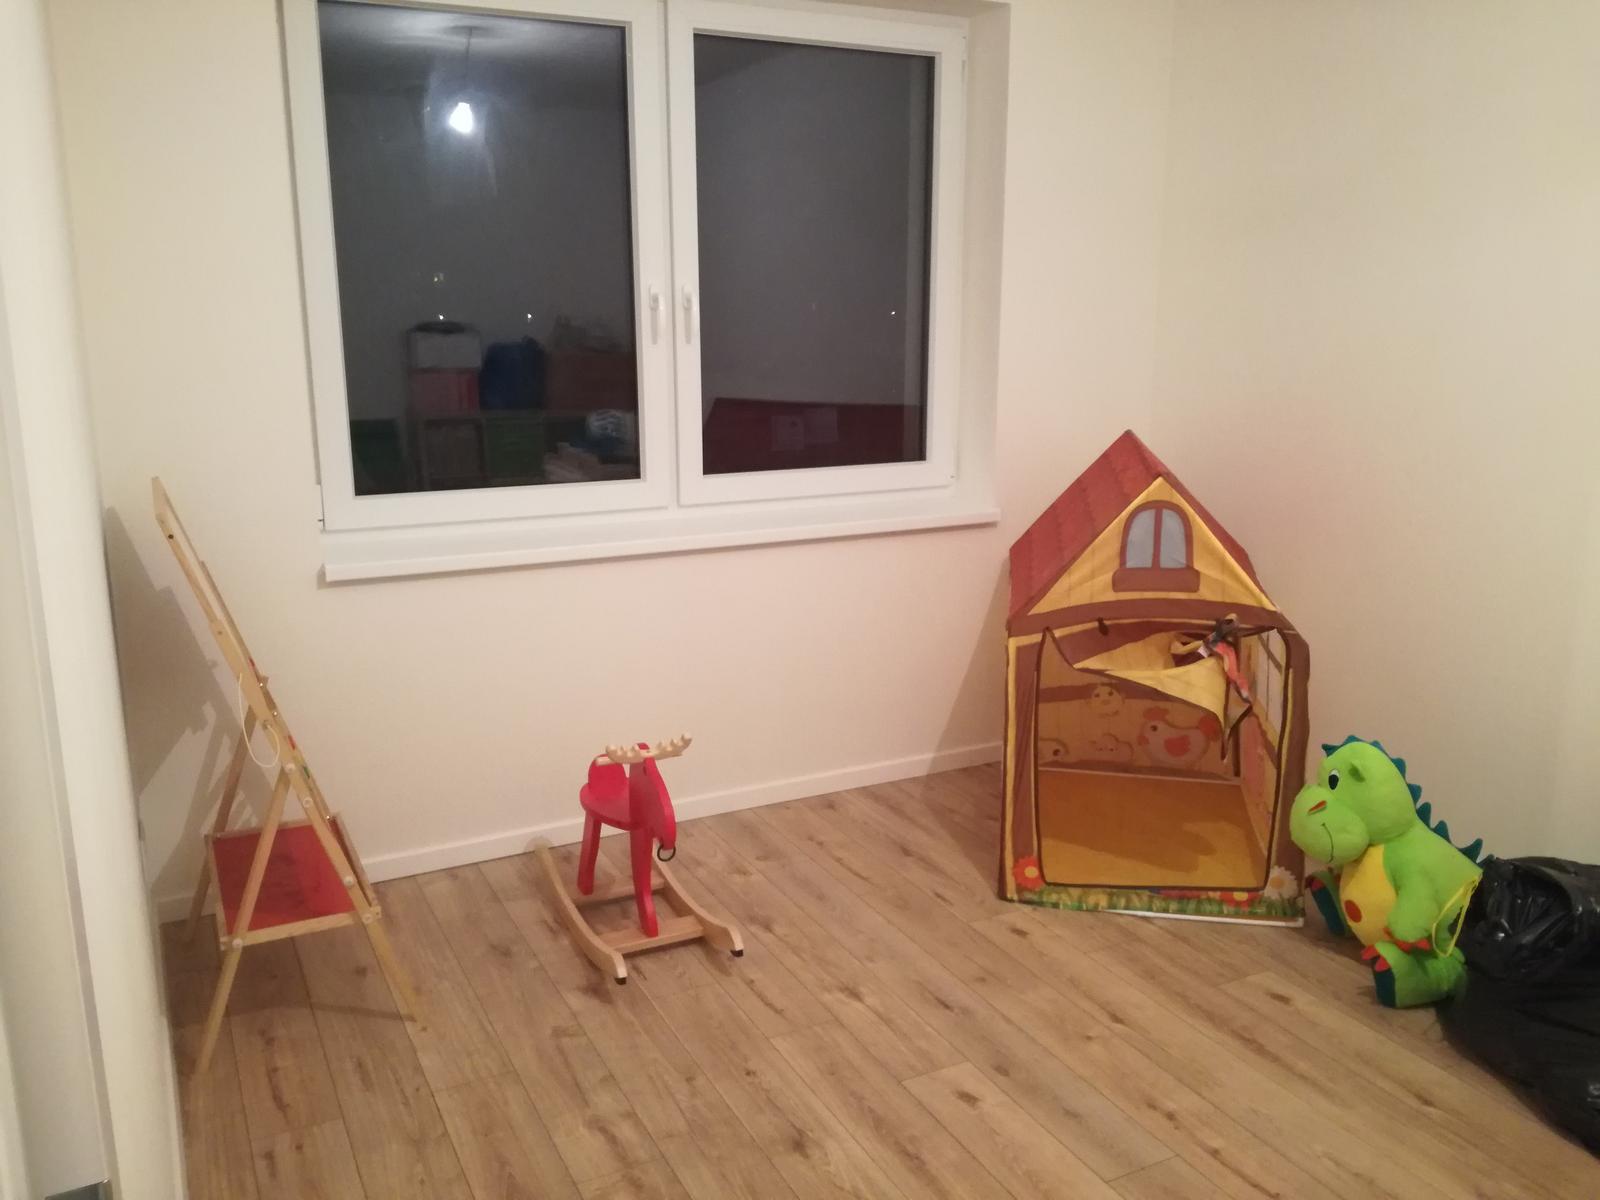 Minidomček pod Karpatmi - detská izba, konecne nejake miesto volne ...